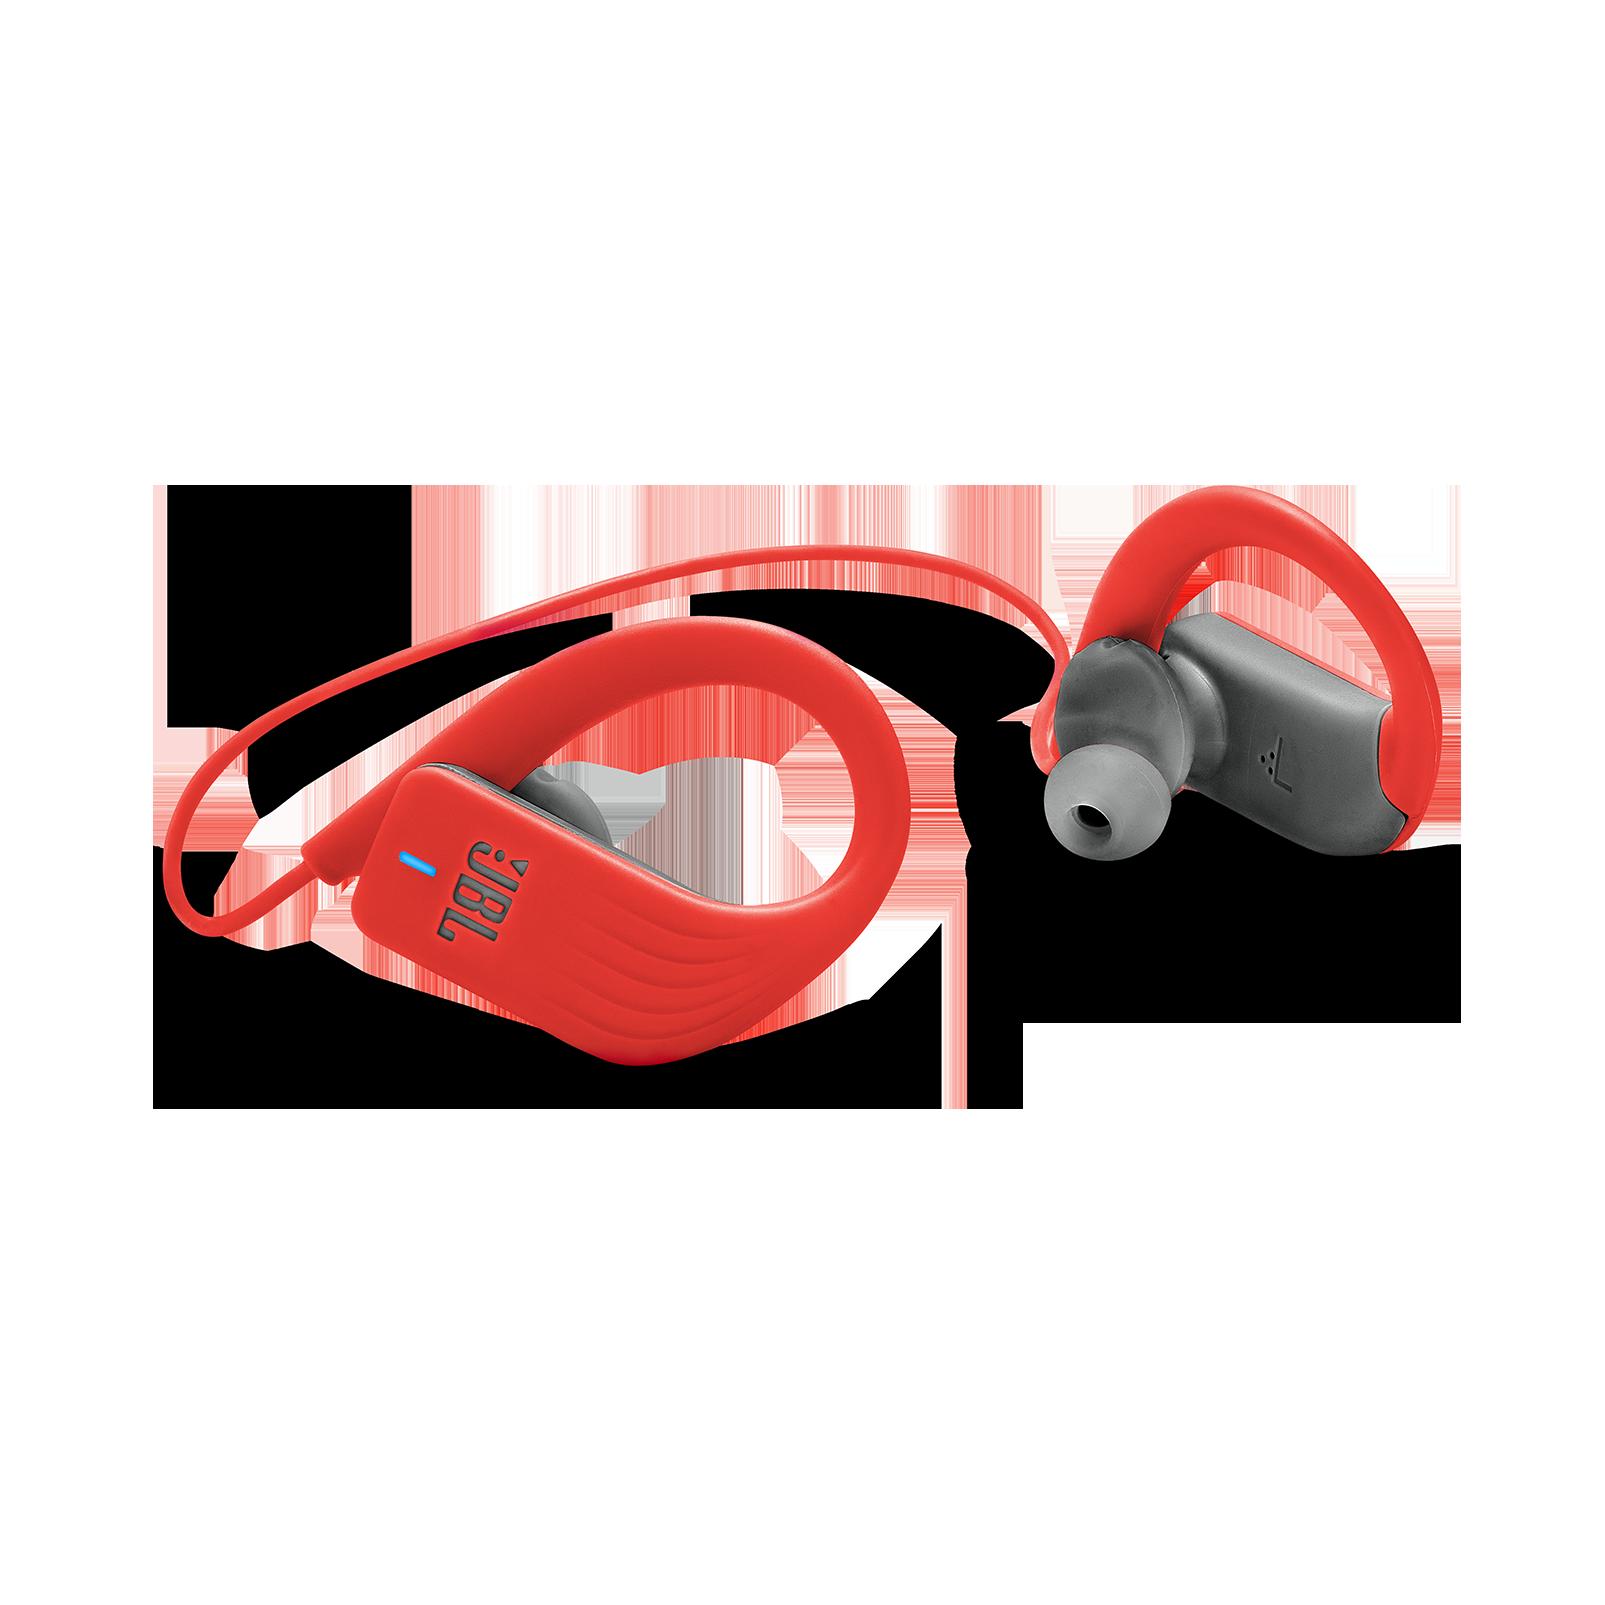 Jbl Endurance Sprint Waterproof Wireless In Ear Sport Headphones